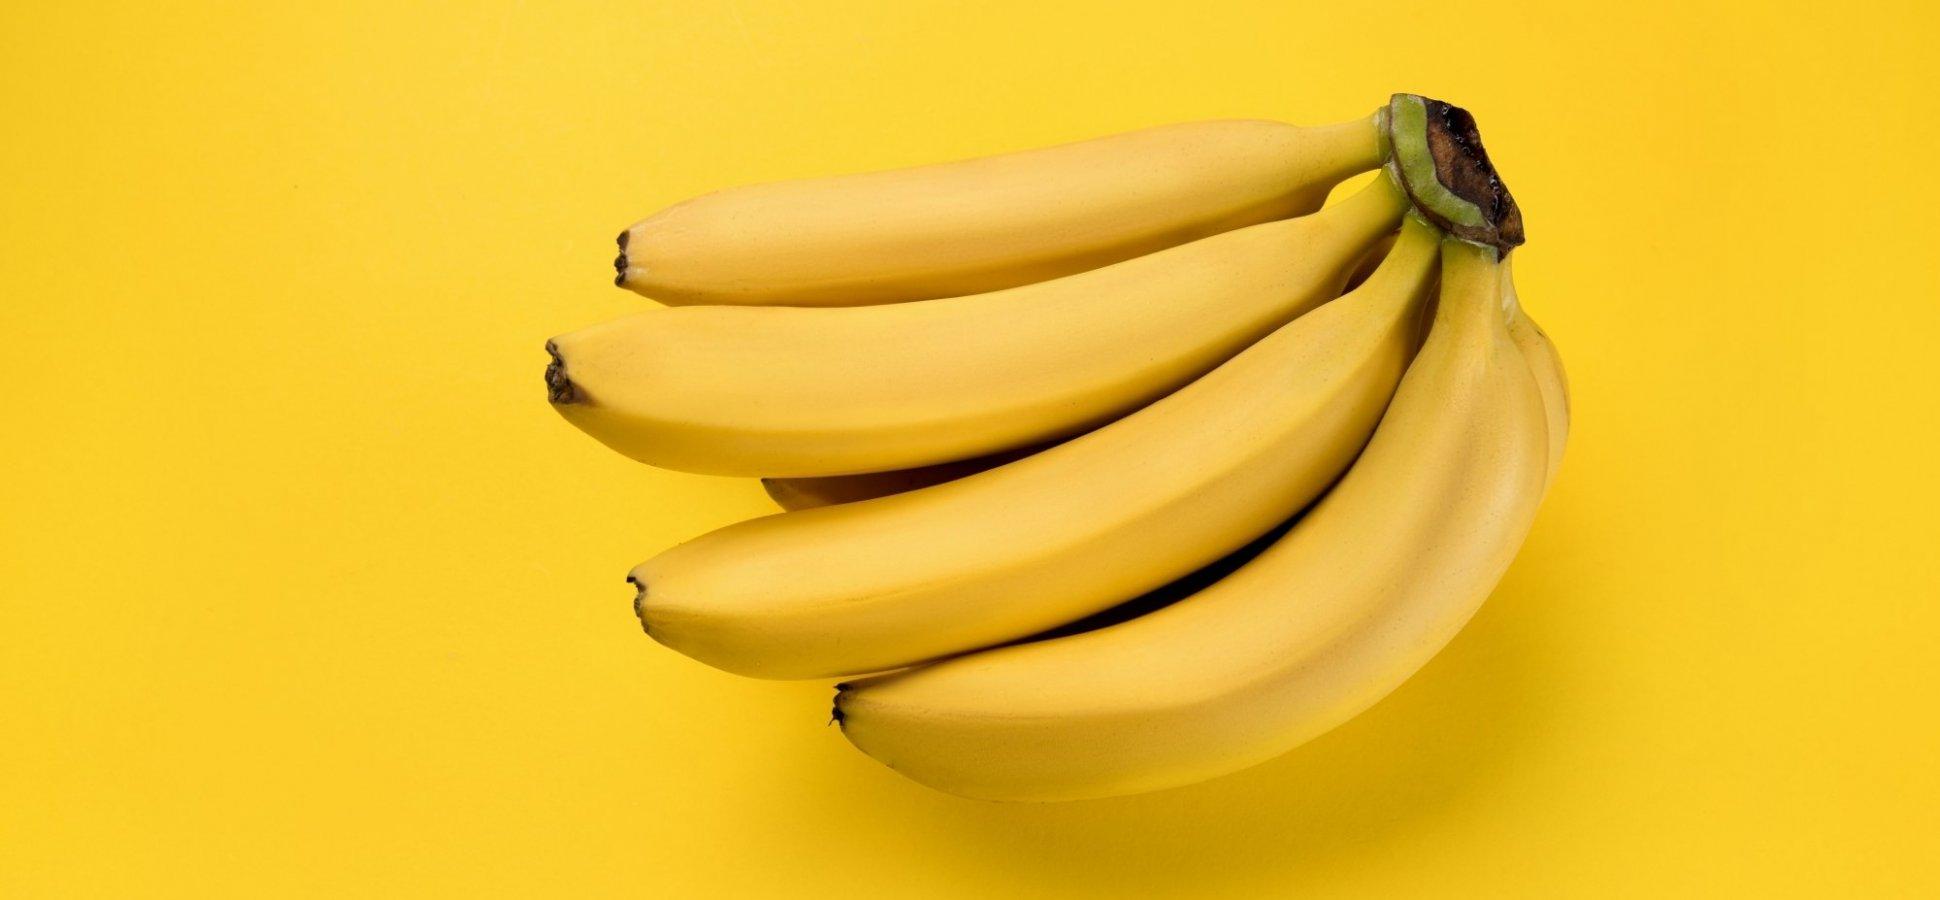 Bananas (Ethakka)